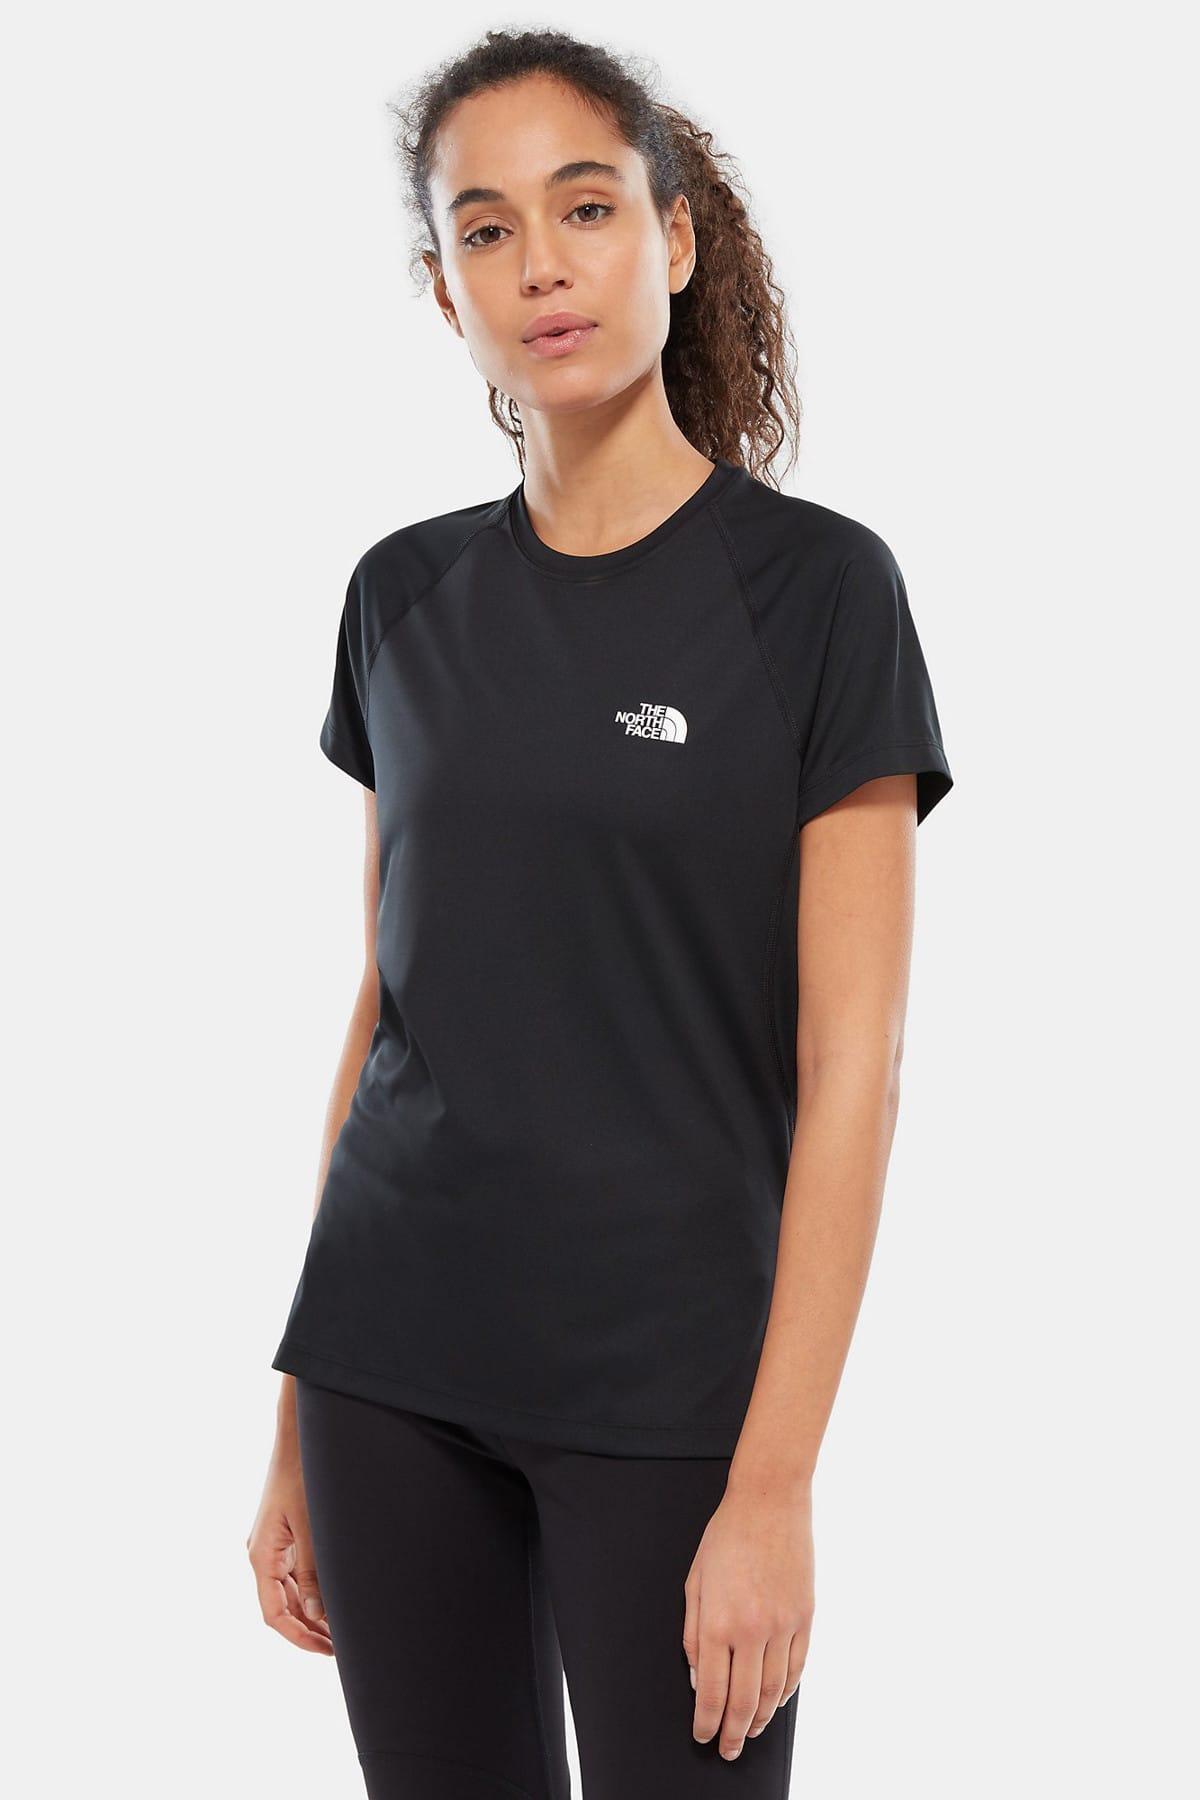 THE NORTH FACE Kadın T-shirt W FLEX S/S - EU   - T93JZ1 2